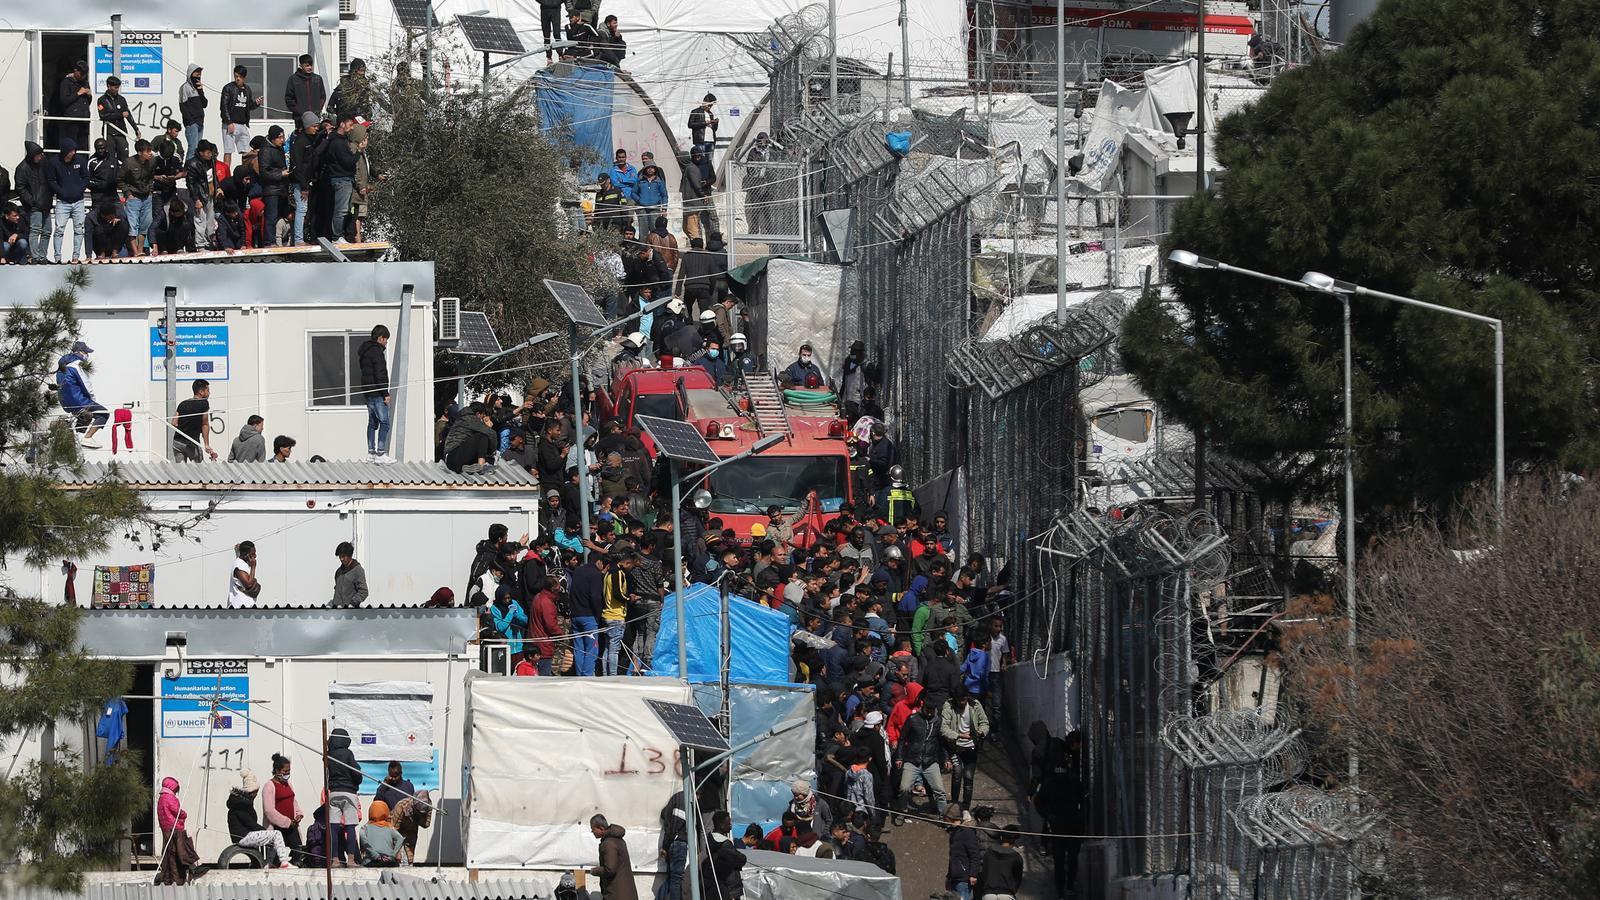 L'incendi  i l'amenaça del Covid-19 fan que la situació sigui insostenible al camp de refugiats de Lesbos